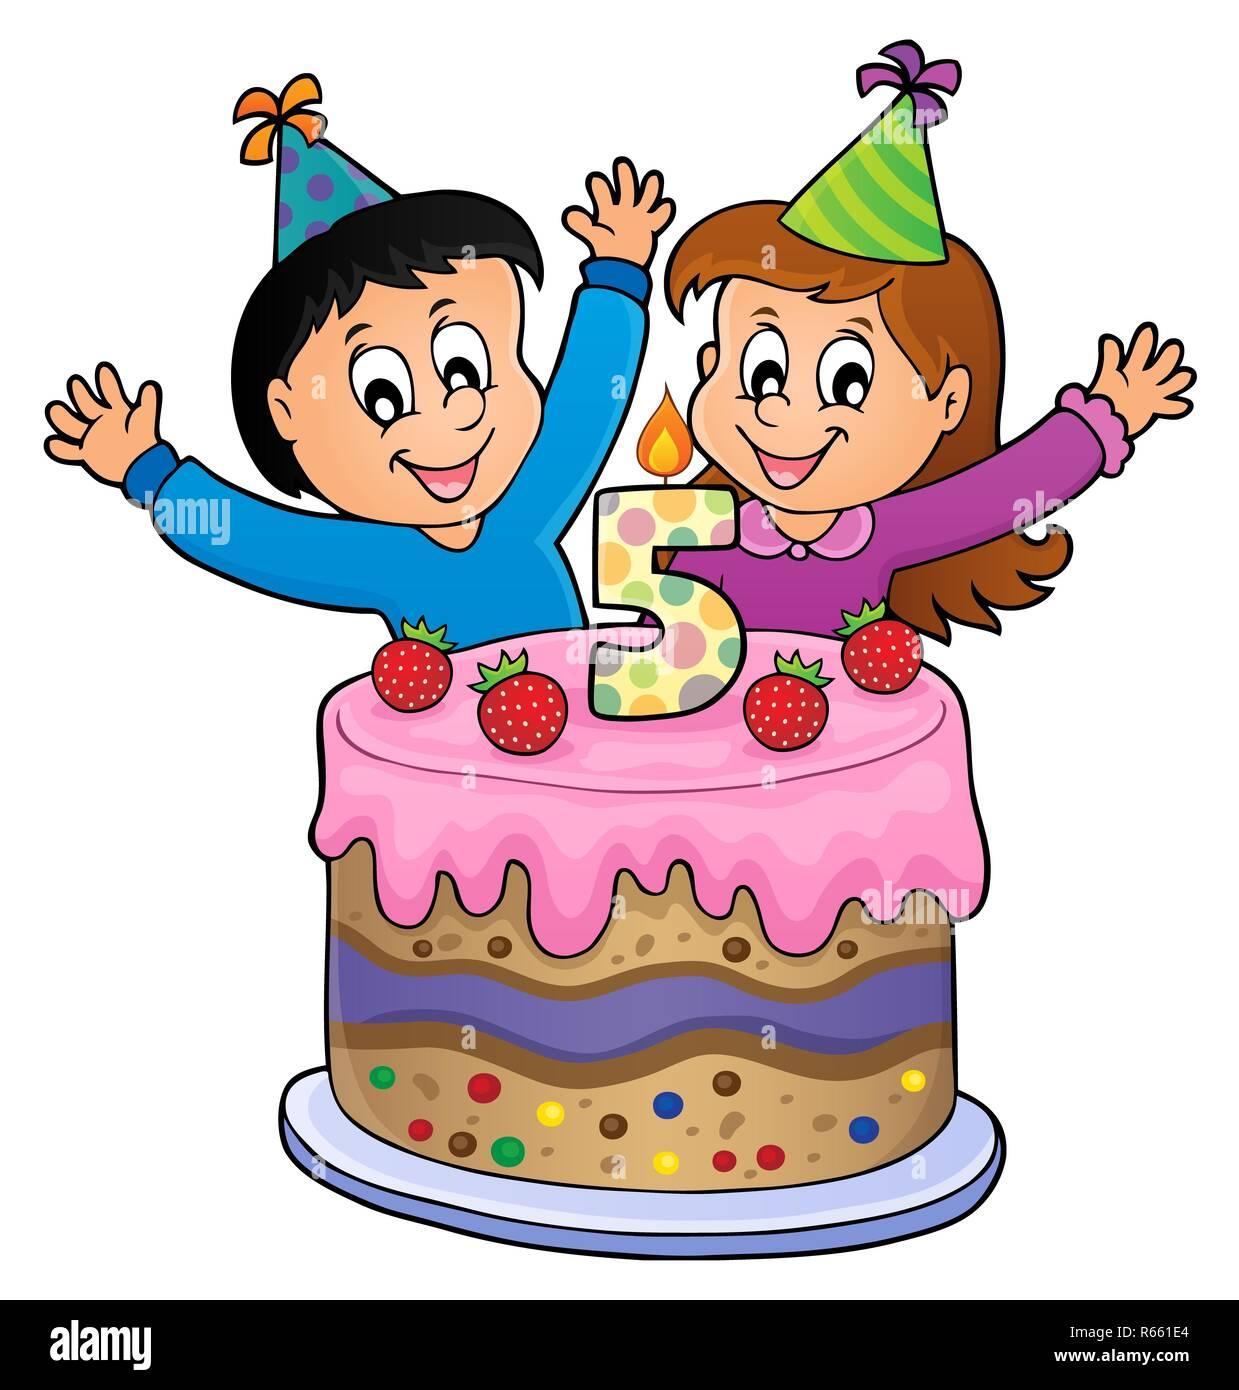 Auguri Buon Compleanno 5 Anni.Buon Compleanno Immagine Per 5 Anni Foto Immagine Stock